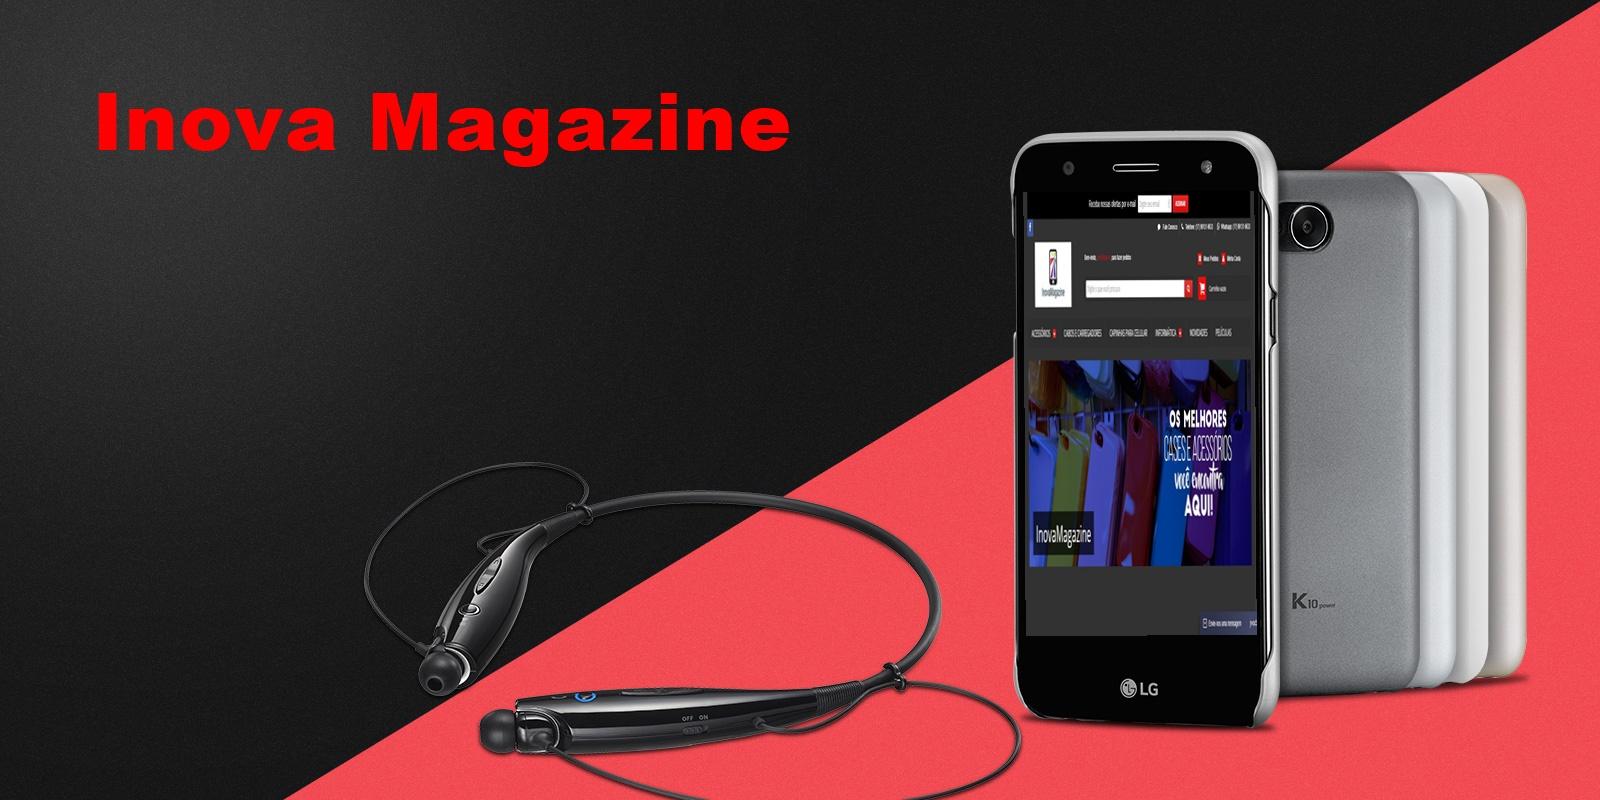 InovaMagazine